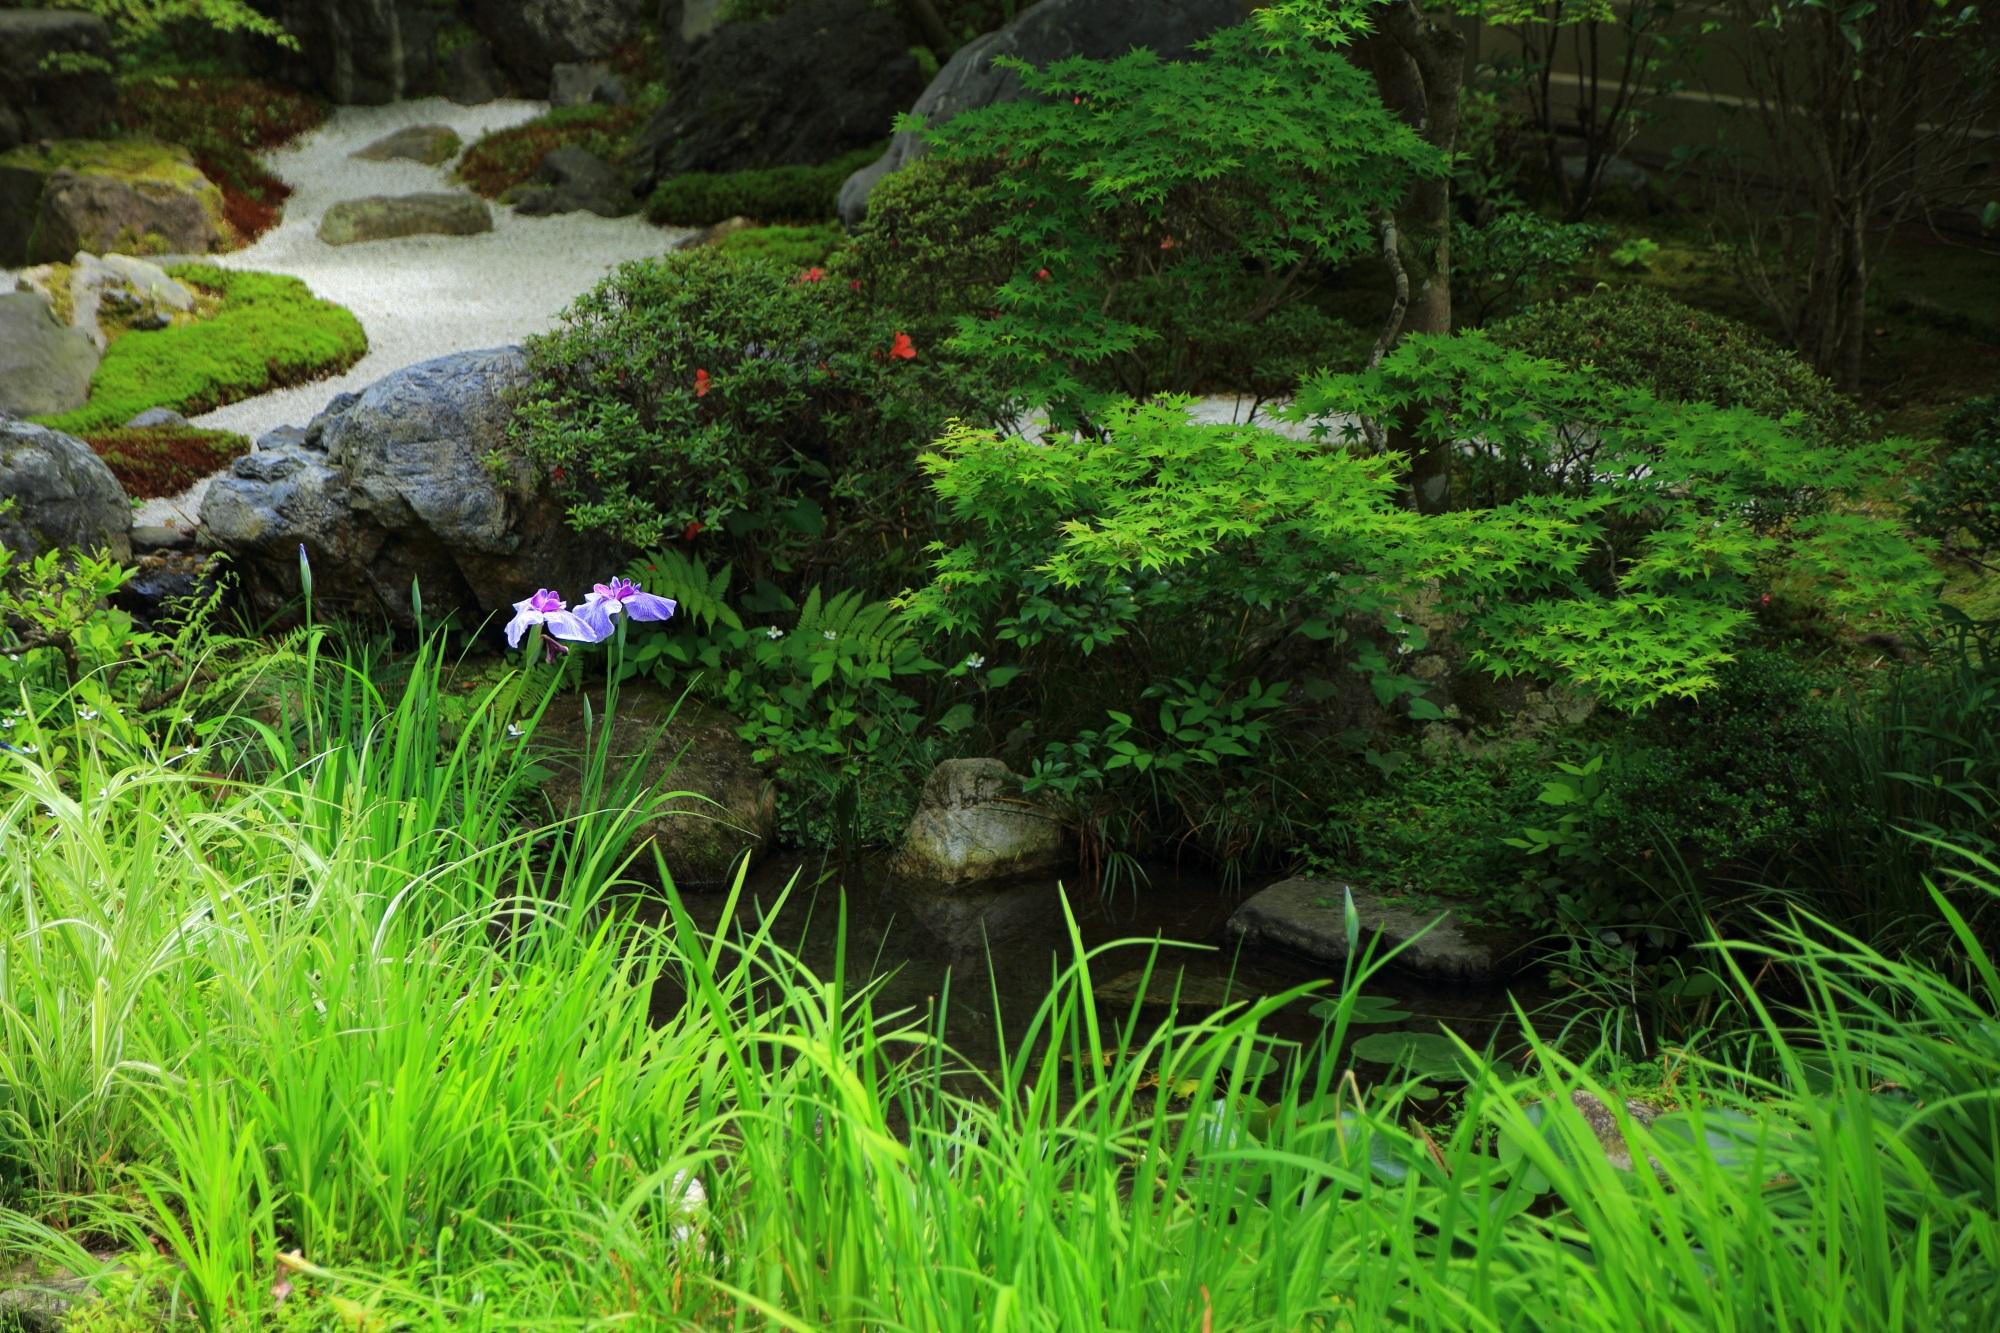 方丈庭園の華やかな緑